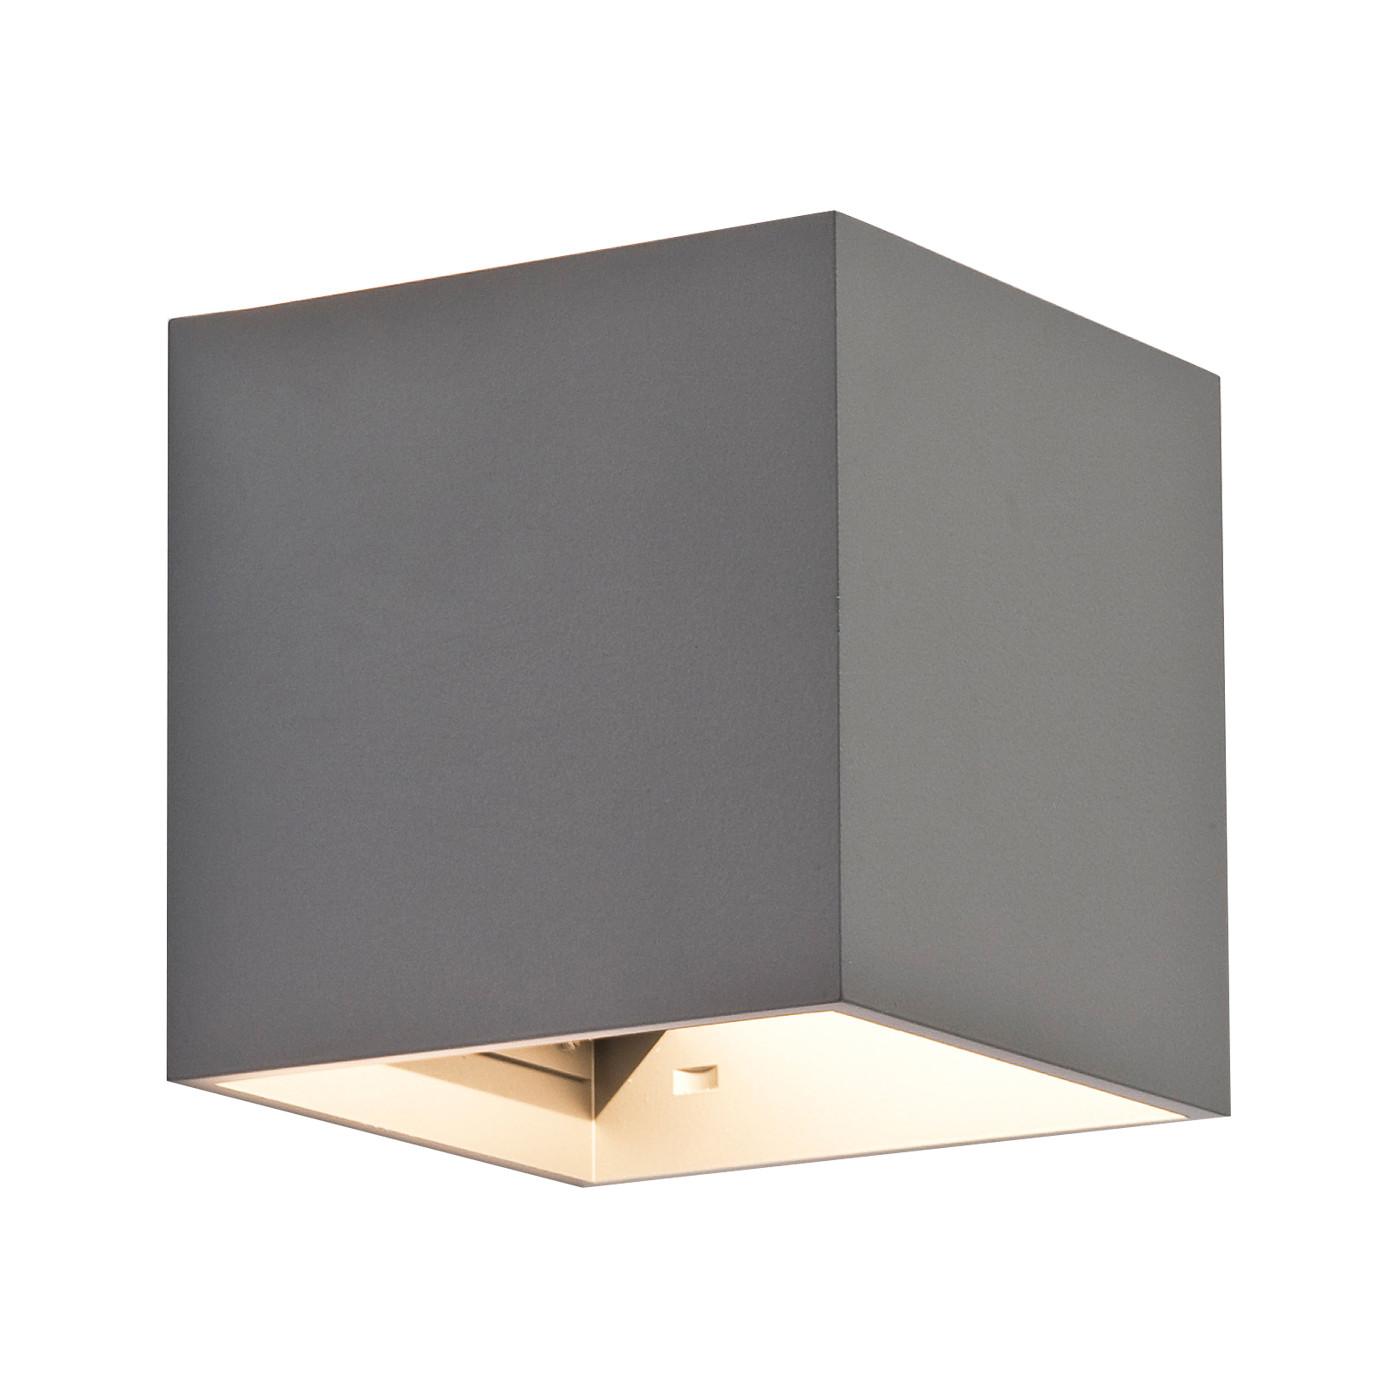 Wever & Ducré Box 2.0 Applique 3000K